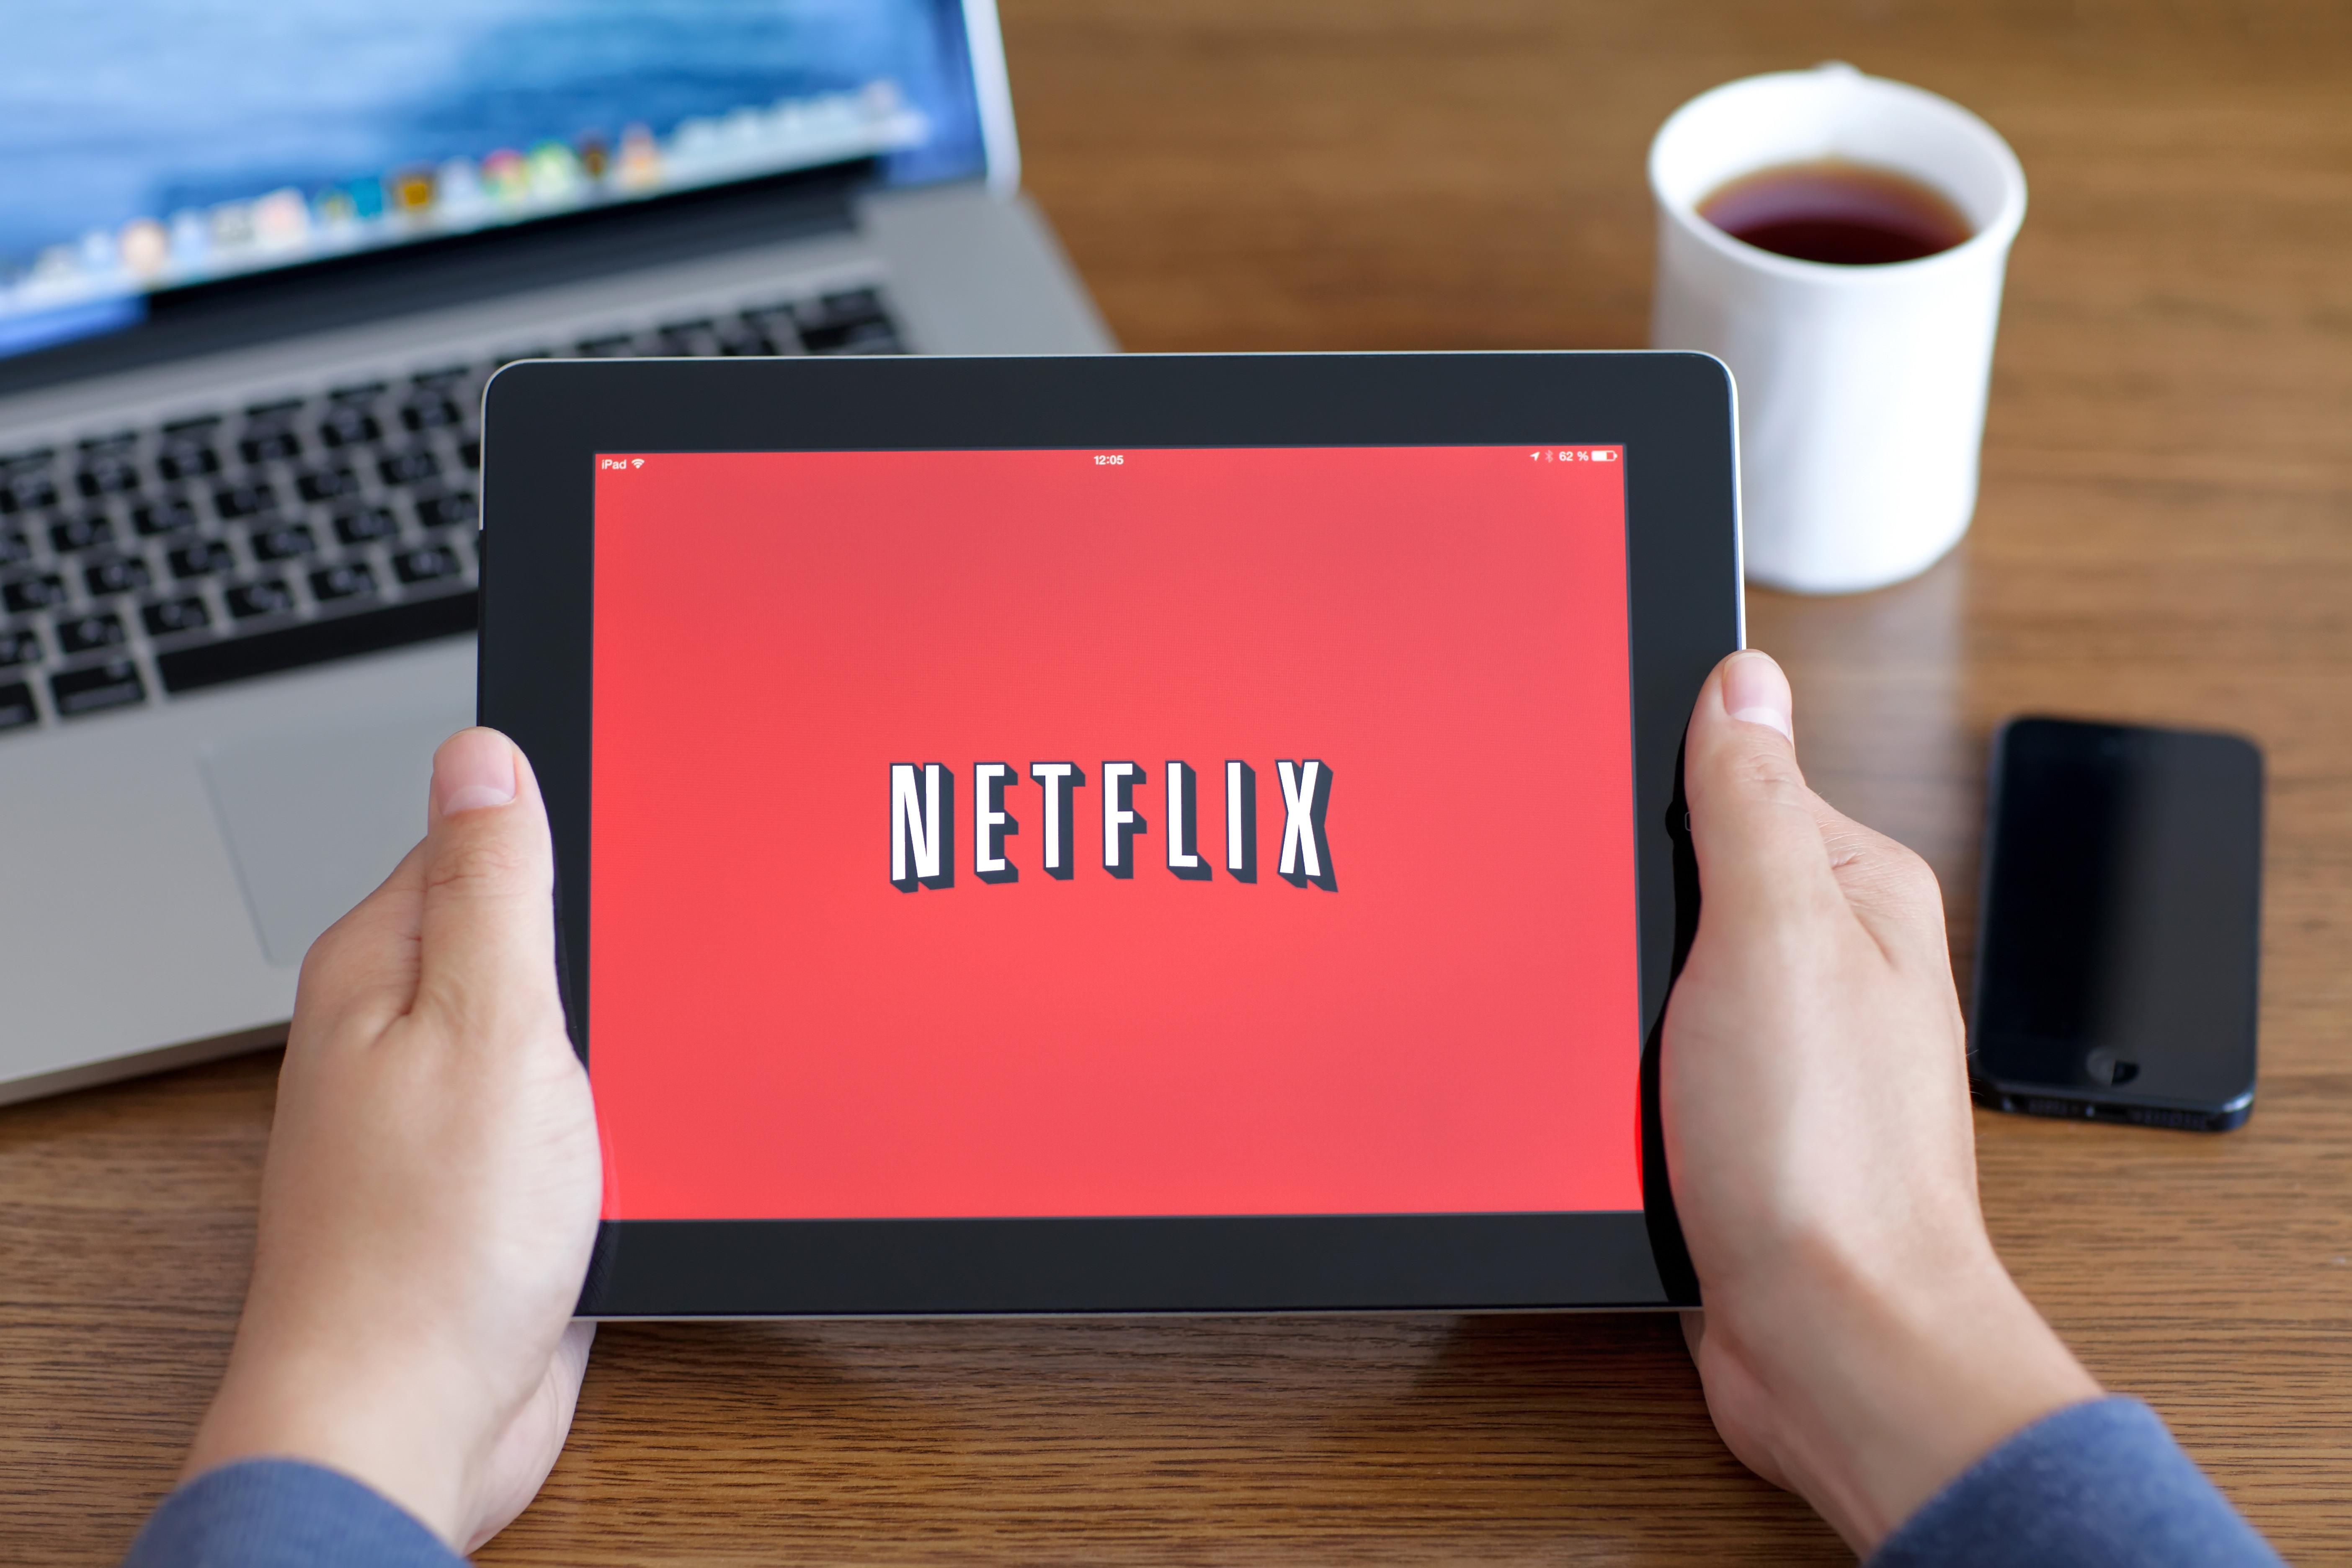 Netflix faz sete anos e ganha concorrência no streaming